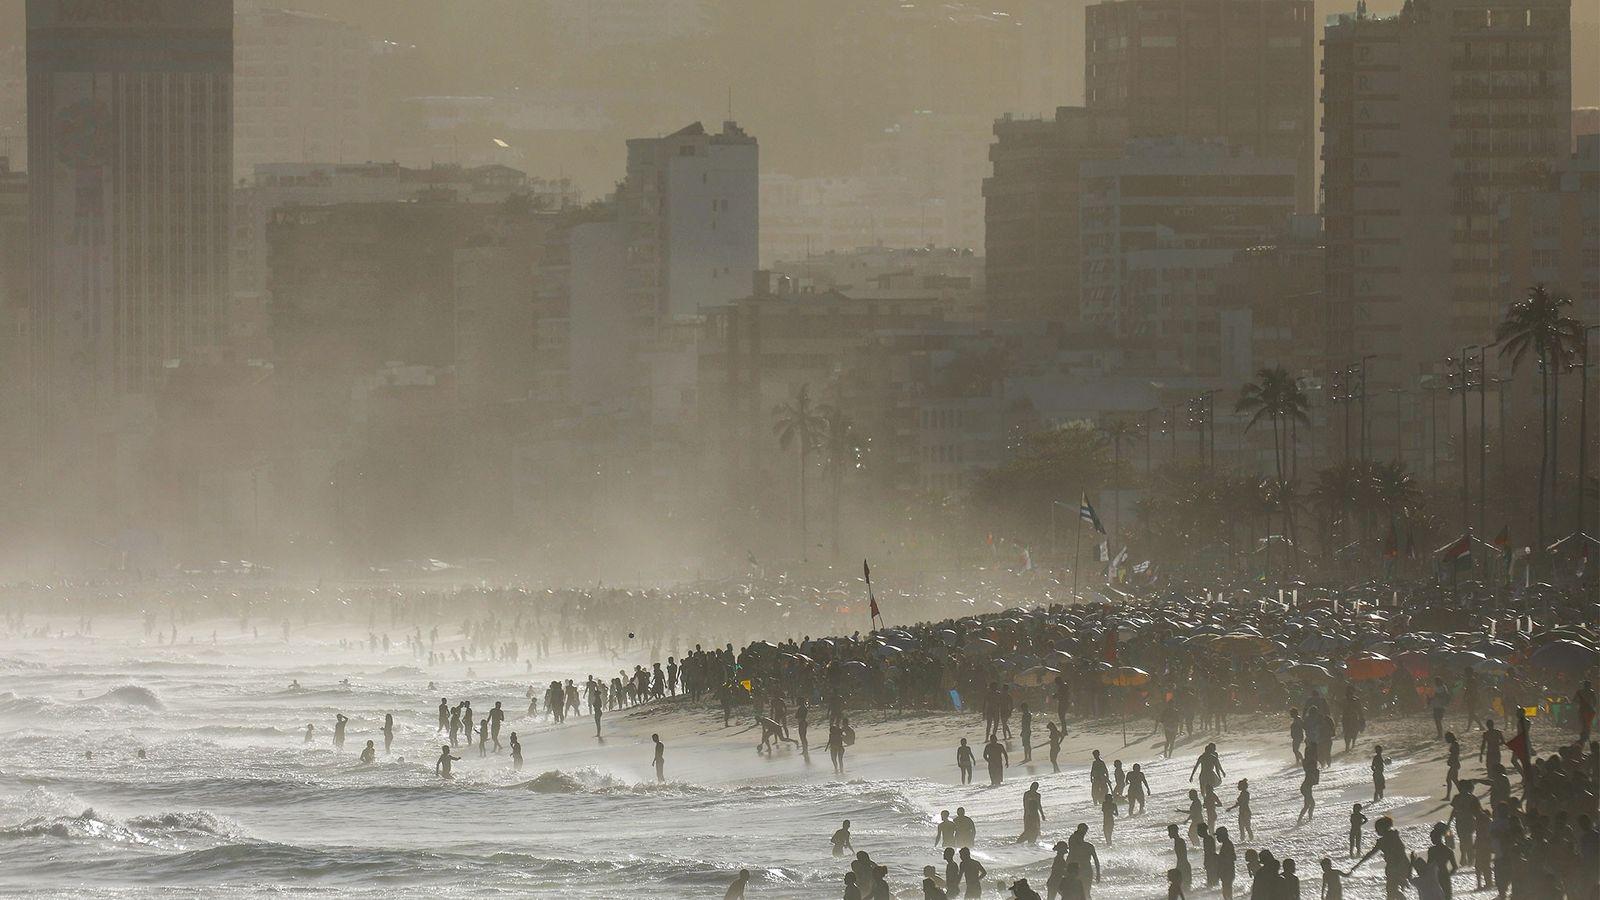 Temperatura Elevada dos Oceanos